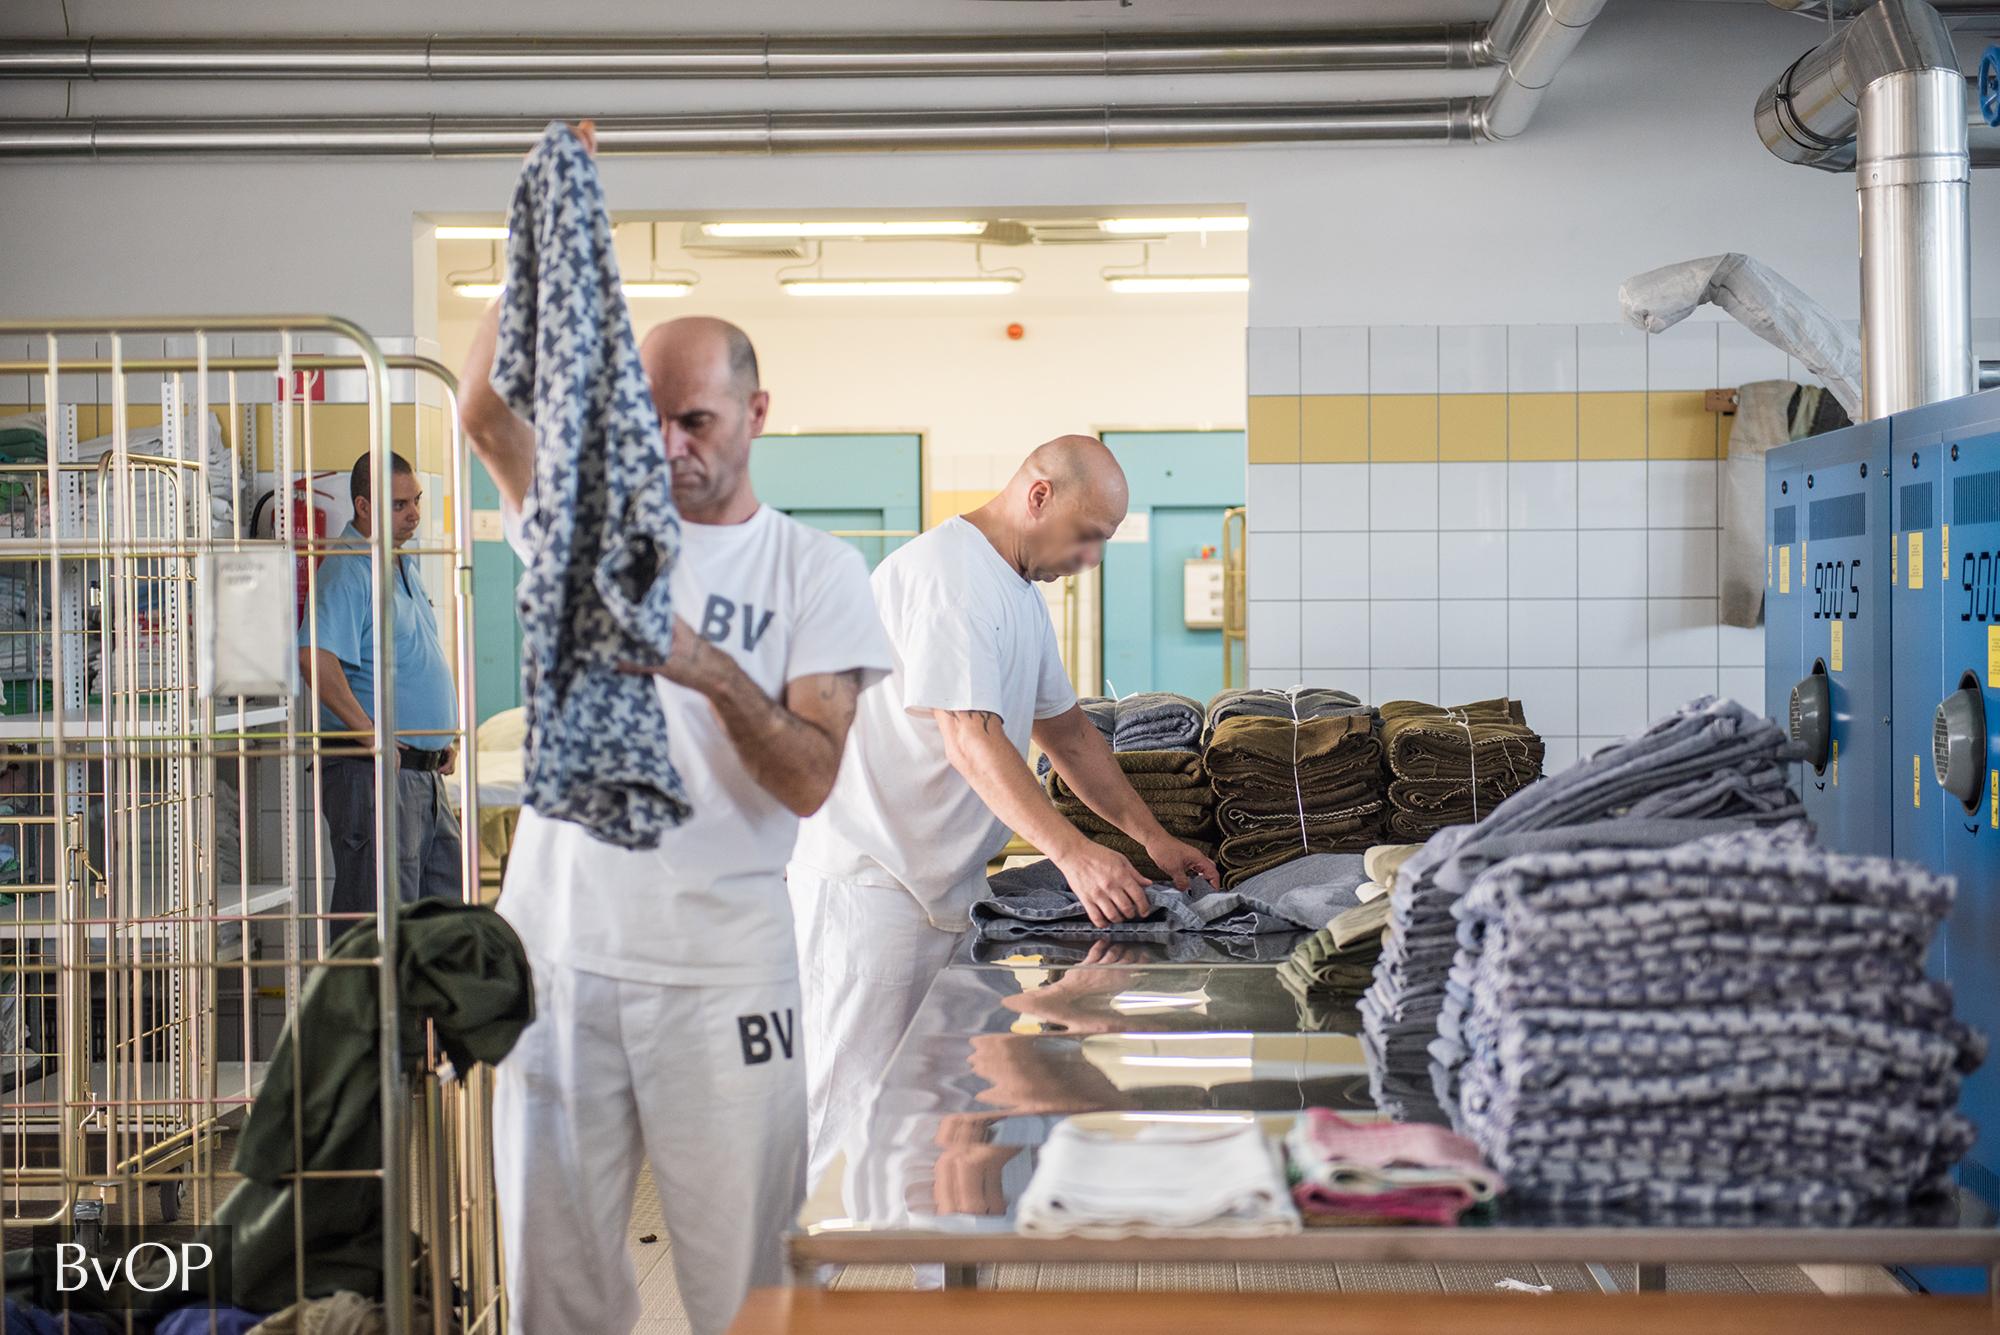 Fogvatartottak dolgoznak a börtönök mosodáiban